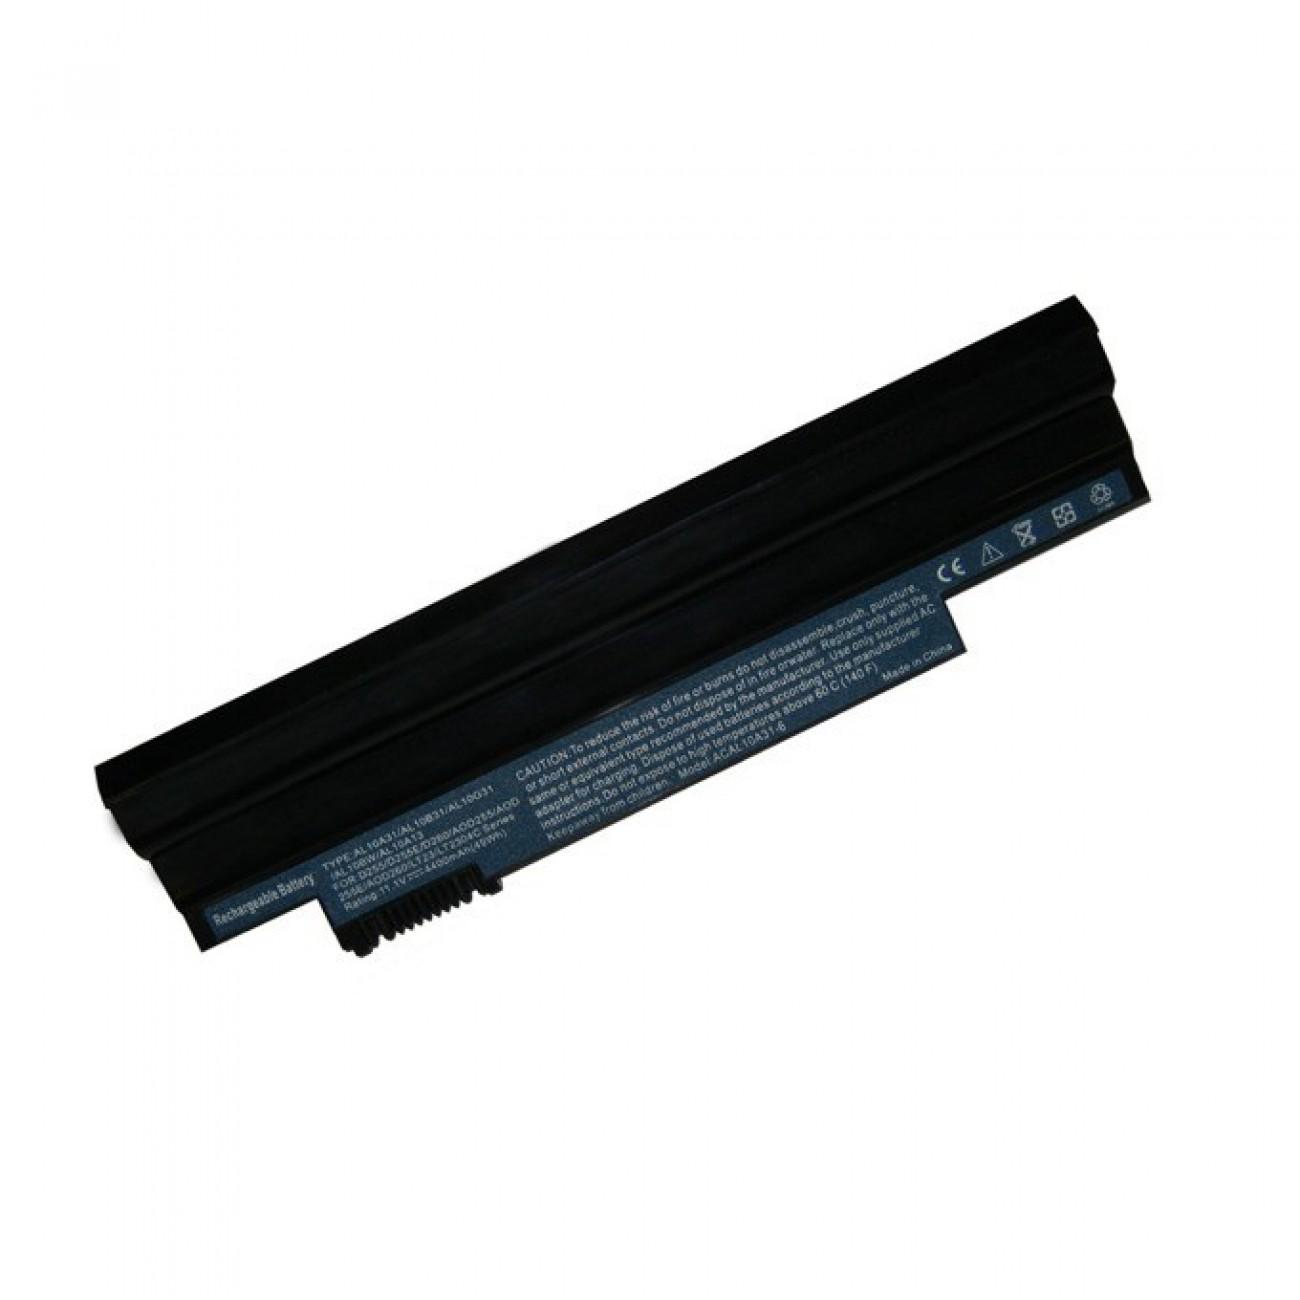 Батерия (заместител) за Acer Aspire One 522, съвместима с D255/Gateway LT23/EMACHINE 355, 6cell, 11.1V, 4400mAh в Батерии за Лаптоп - Noname   Alleop